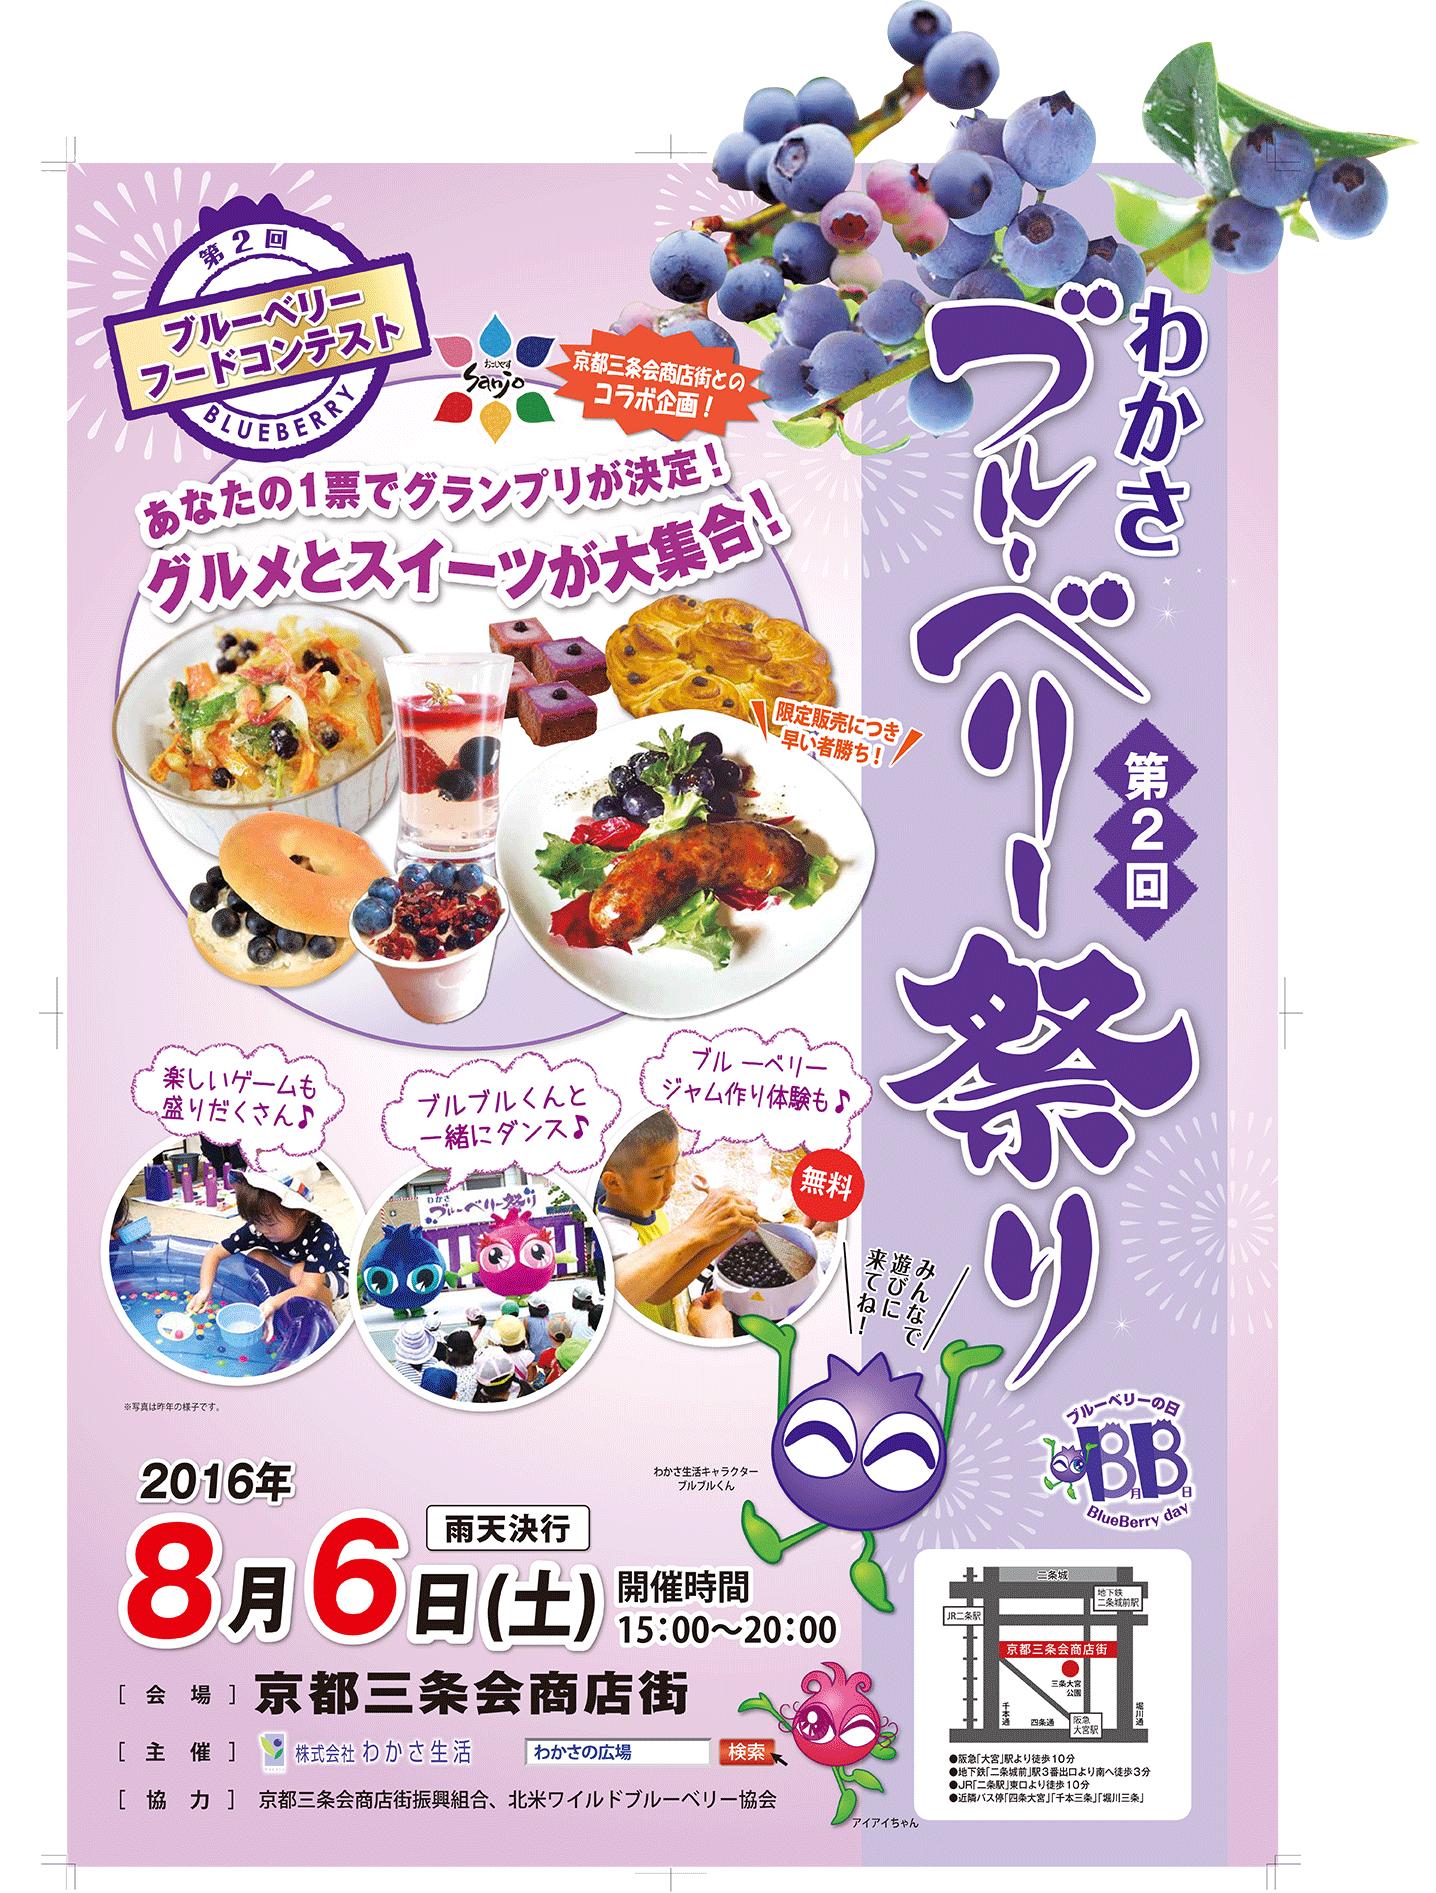 わかさブルーベリー祭り|京都三条会商店街|8月のイベント